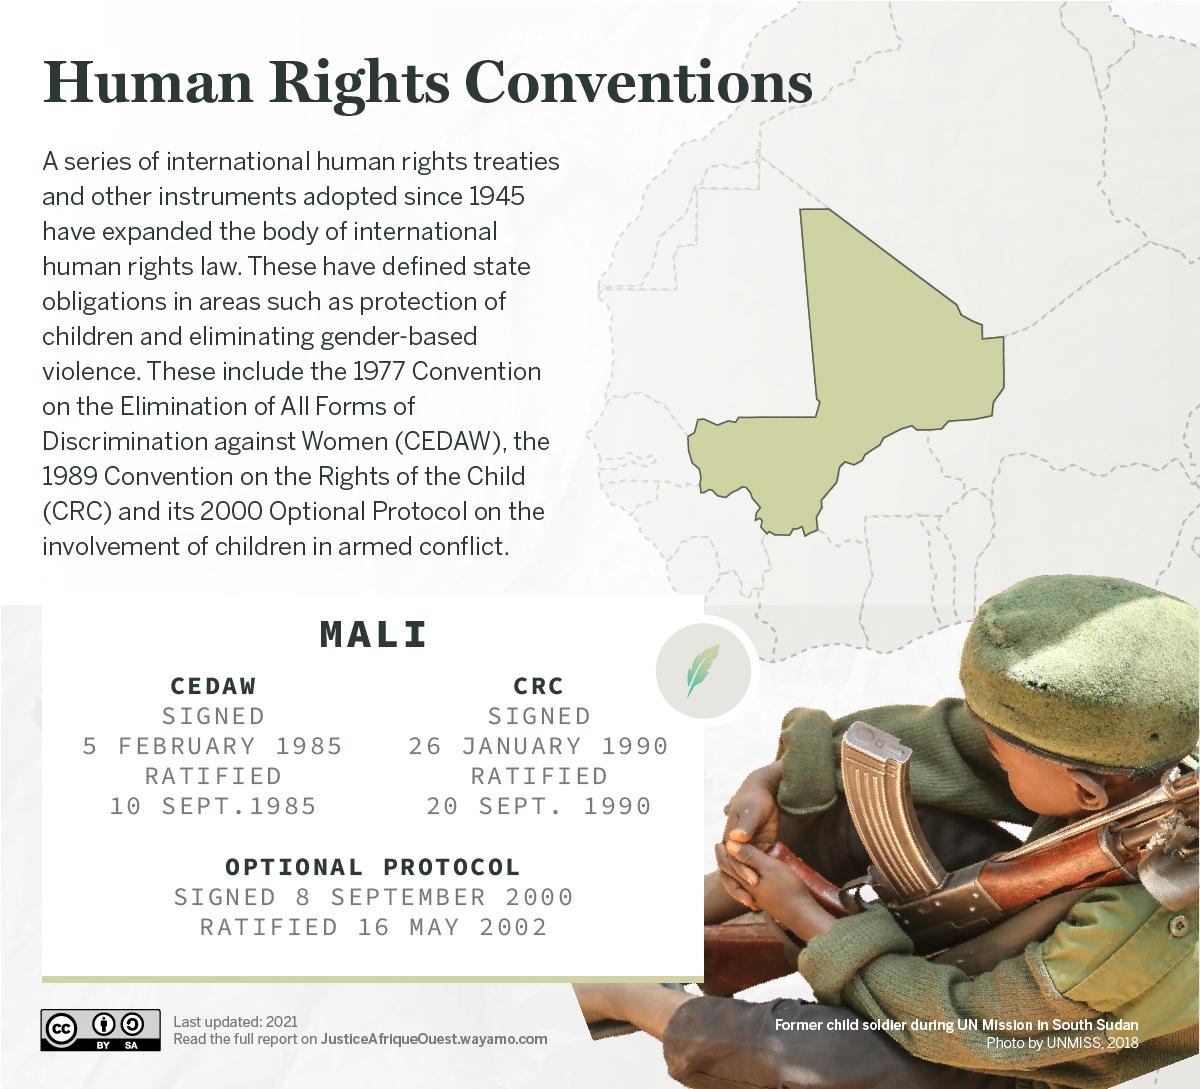 __MALI_Human Rights Conventions_2 - Wayamo Foundation (CC BY-SA 4.0)